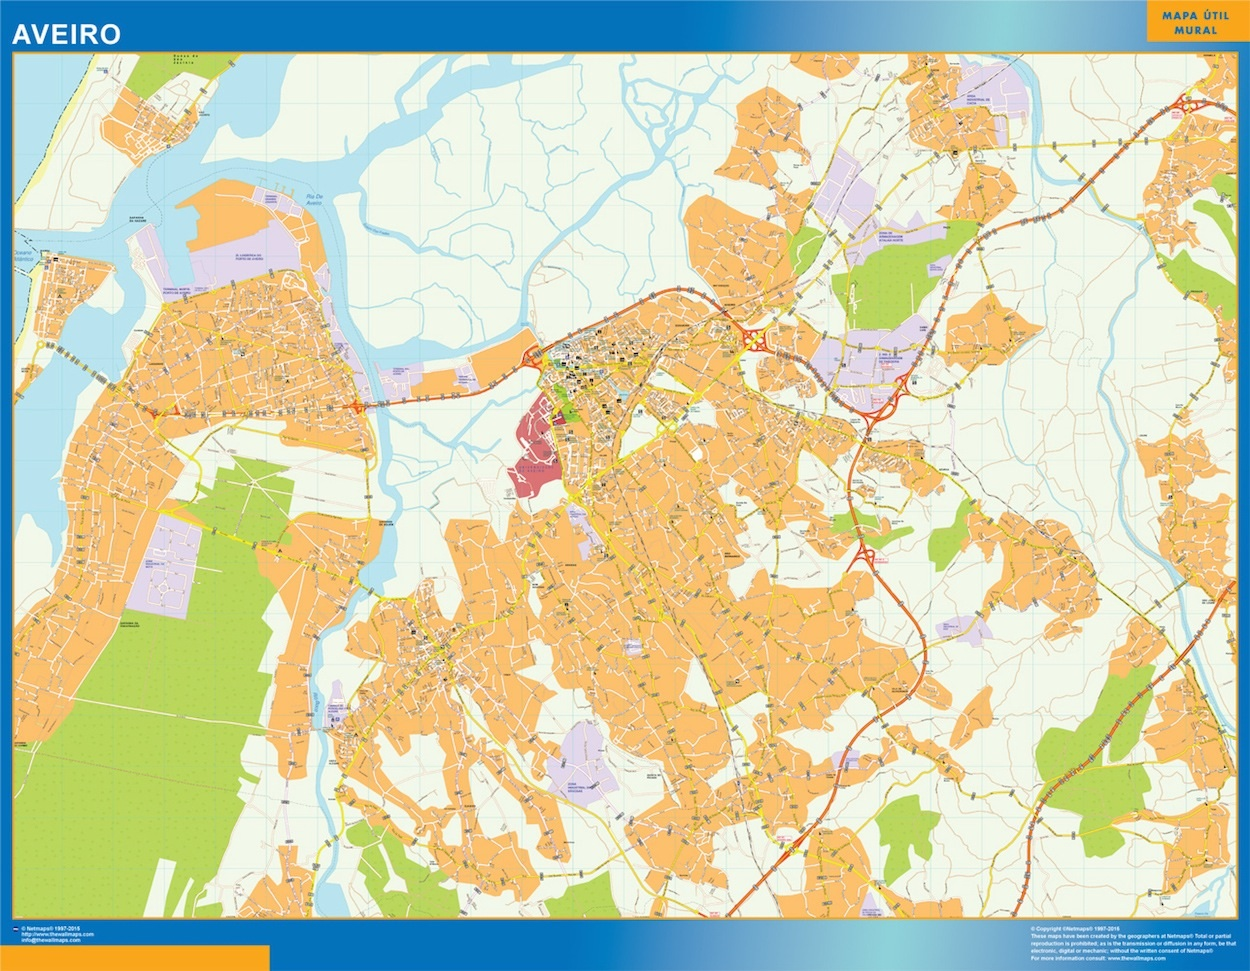 Mapa Aveiro